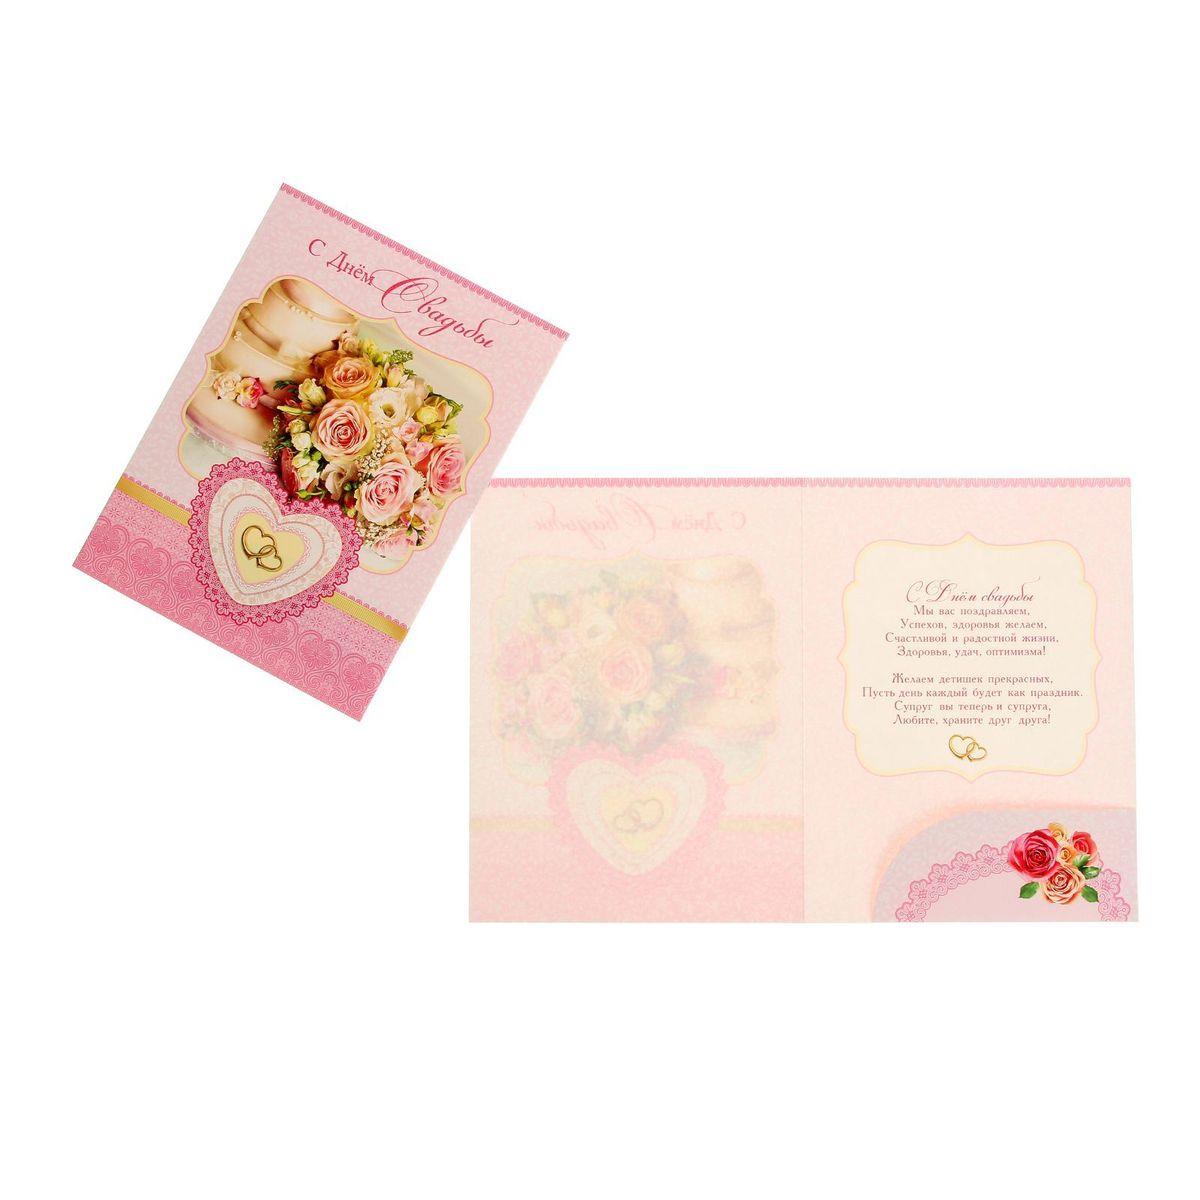 Открытка Миленд С днем свадьбы. Букет и розовое сердцеRG-D31SЕсли вы хотите порадовать себя или близких, создать праздничное настроение и с улыбкой провести памятный день, то вы, несомненно, сделали правильный выбор! Открытка Миленд С днем свадьбы. Букет и розовое сердце, выполненная из плотной бумаги, отличается не только оригинальным дизайном, но и высоким качеством.Лицевая сторона изделия оформлена ярким изображением. Внутри открытка содержит текст с поздравлением.Такая открытка непременно порадует получателя и станет отличным напоминанием о проведенном вместе времени.